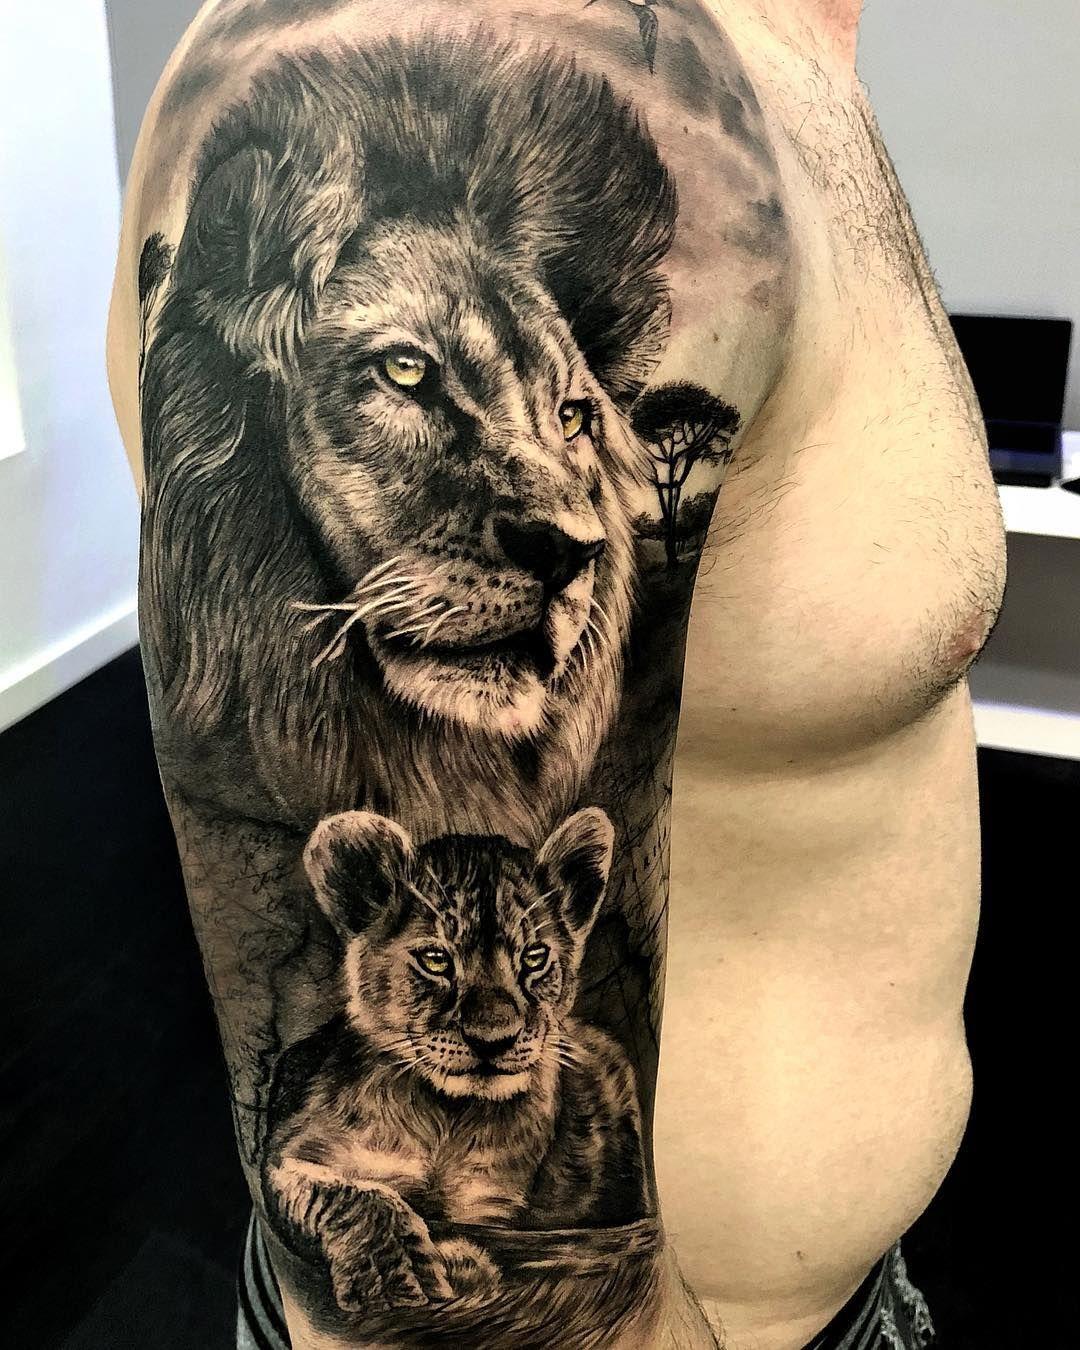 No Hay Ninguna Descripcion De La Foto Disponible Tatuajes De Leon Tatuajes De Animales Diseno De Tatuaje De Leon